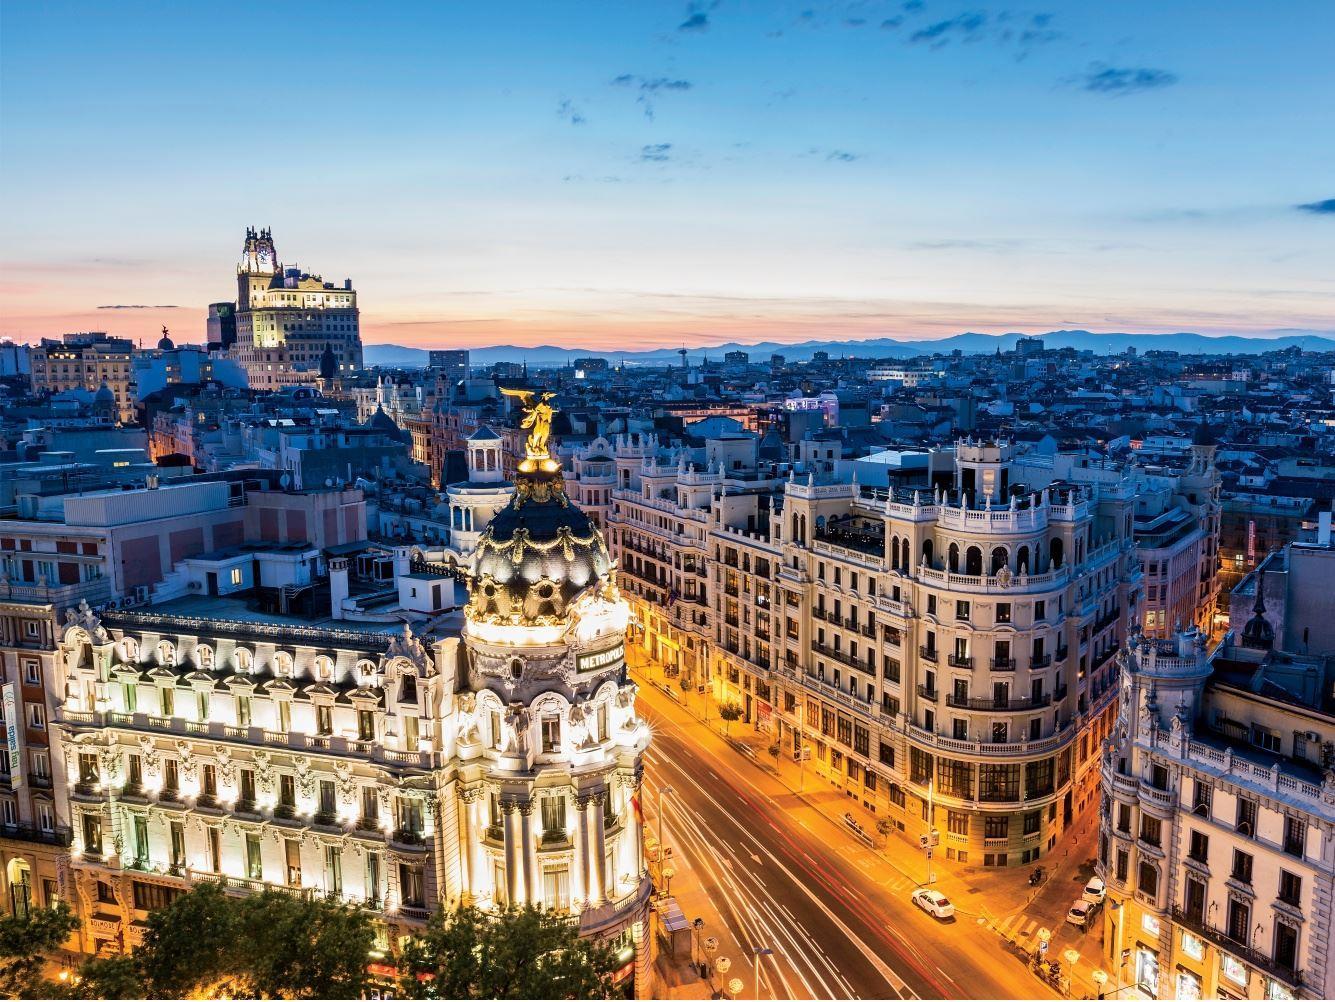 MADRID (2) & BARCELONA (2) Turu Corendon Hava Yolları Özel Seferi ile (Zaragoza gidiş/dönüş)